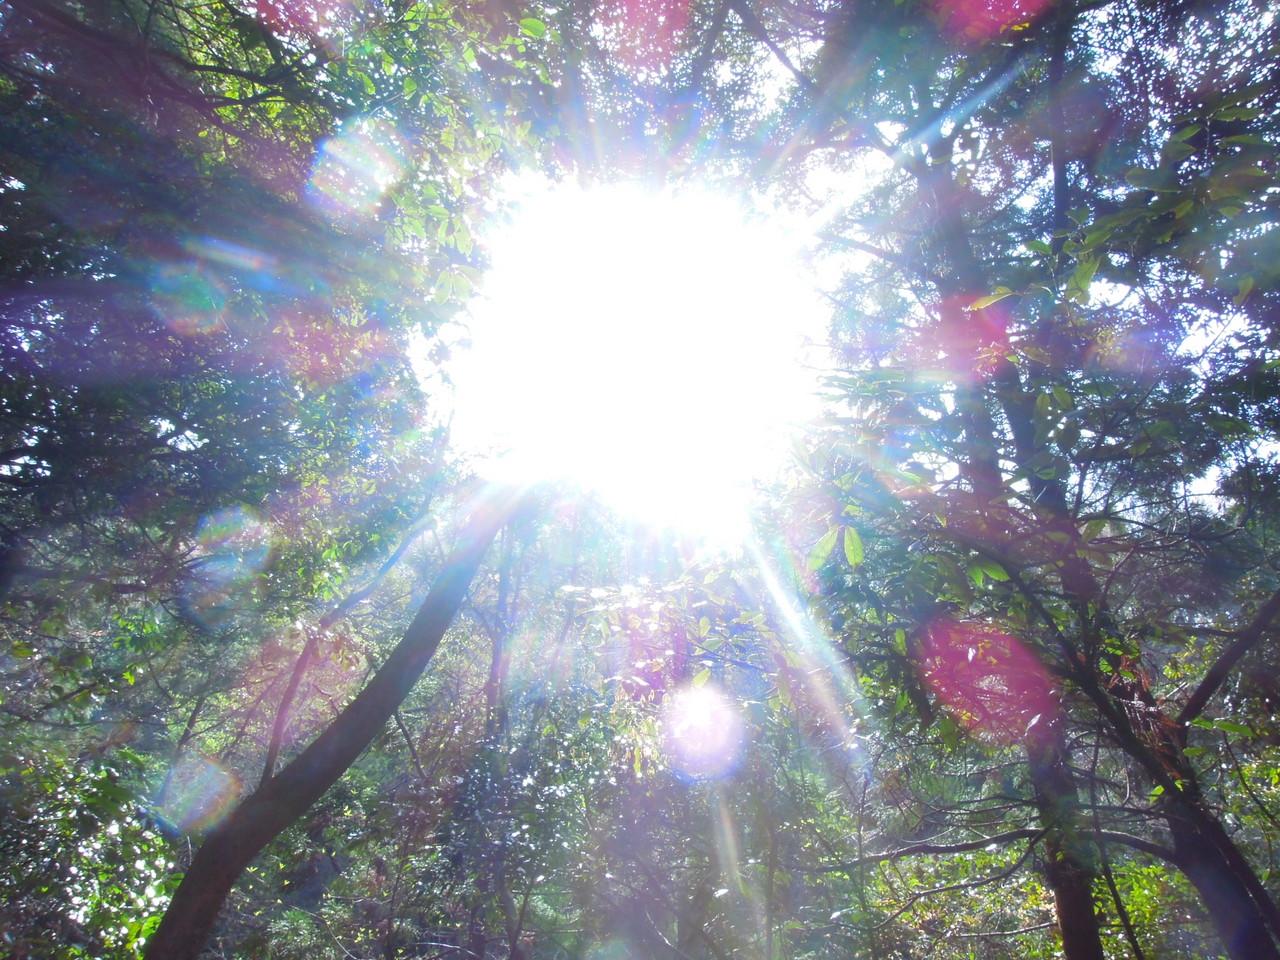 元気になる!エネルギーチャージしたい時、10秒眺めて下さい。